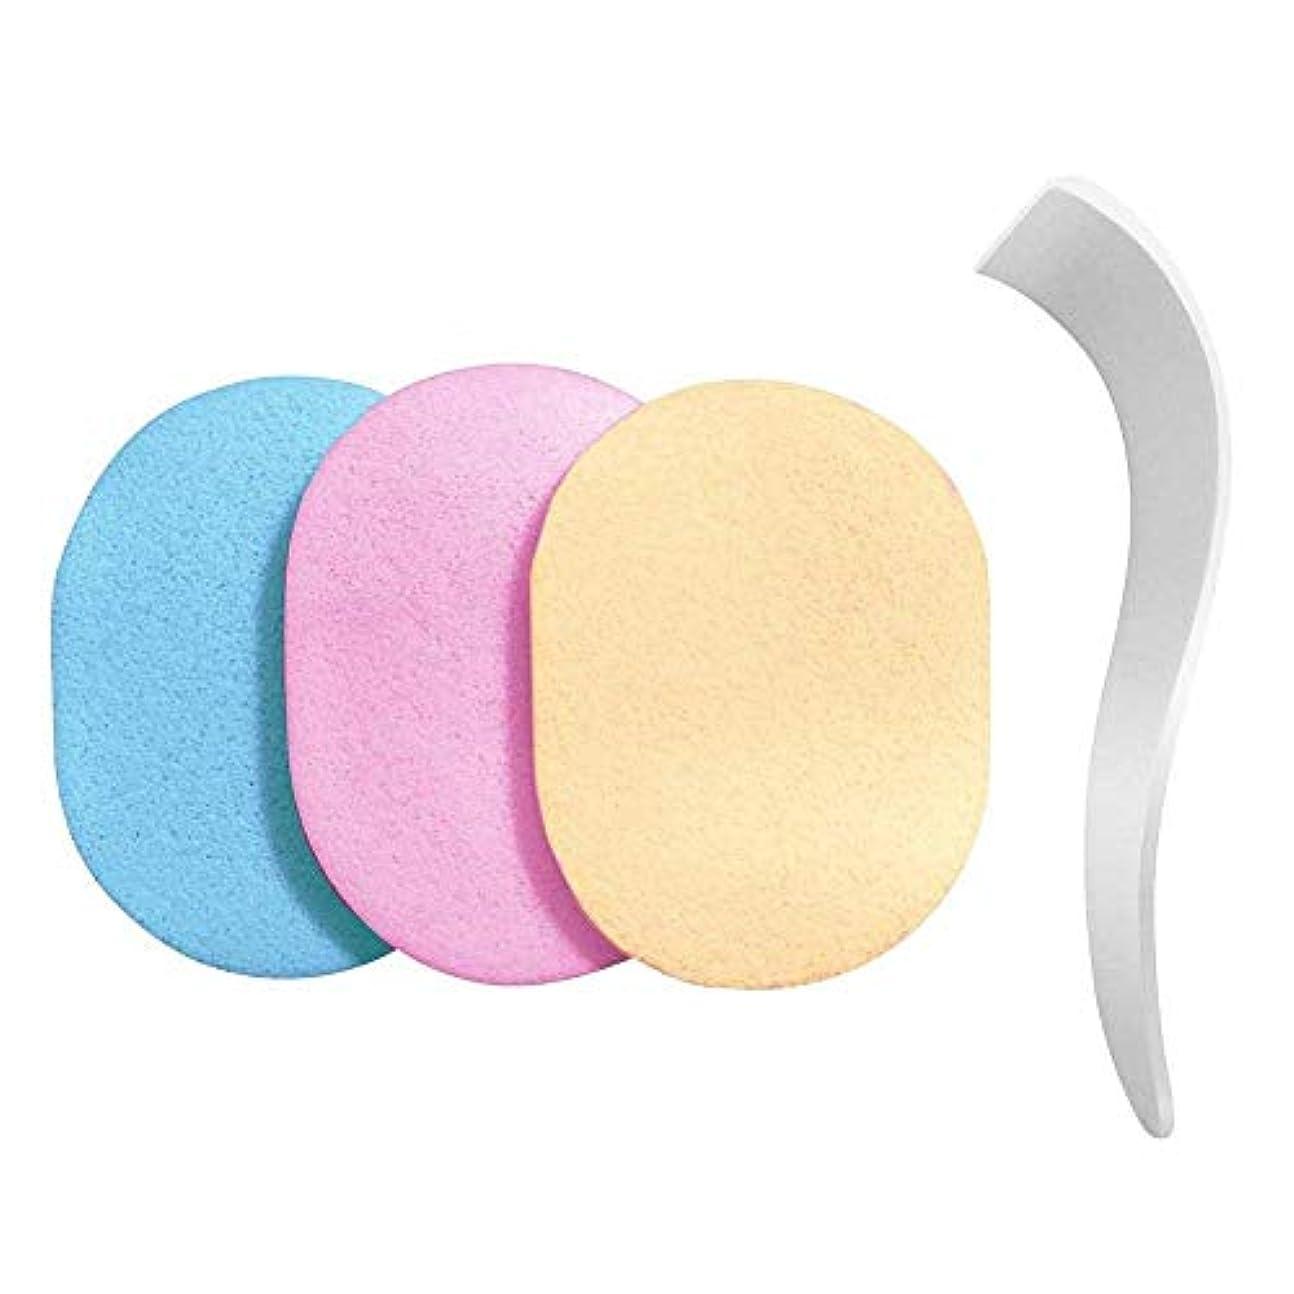 早いコンパスパドルViffly 専用ヘラ スポンジ 洗って使える 3色セット 除毛クリーム専用 メンズ レディース【除毛用】